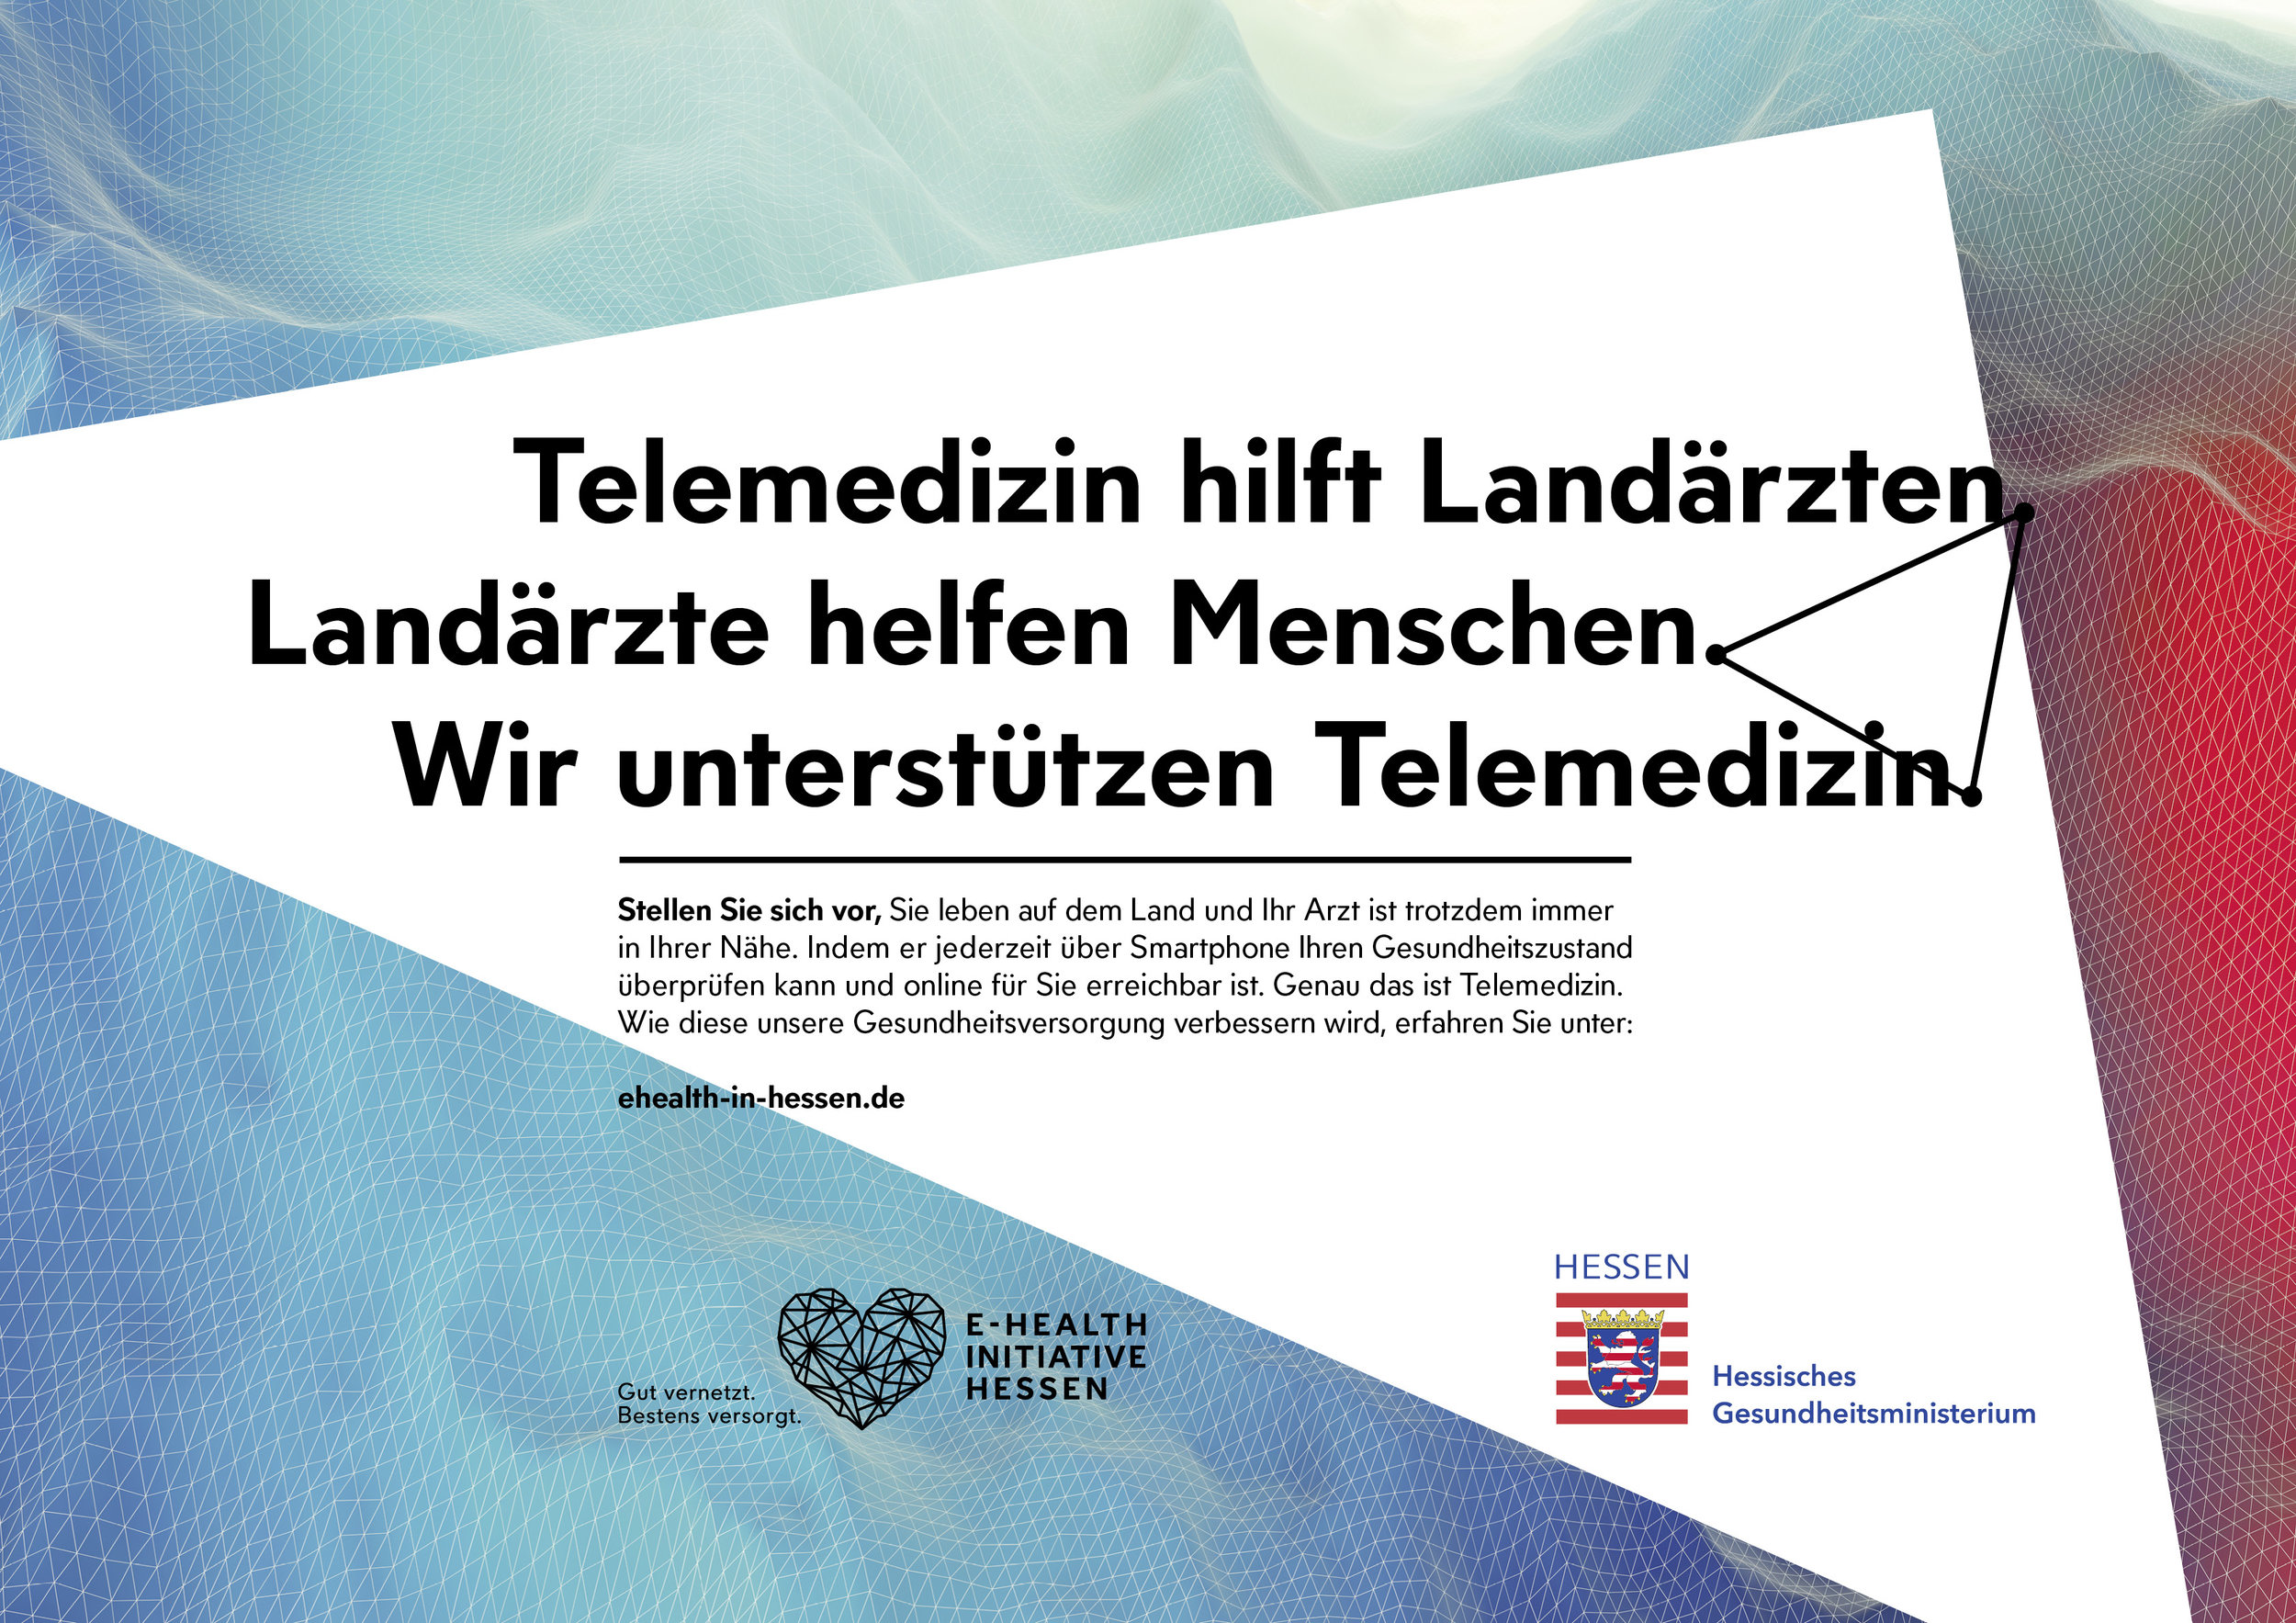 GesundheitsministeriumHessen_E-Health_18-1_ICv2_RZ02.jpg